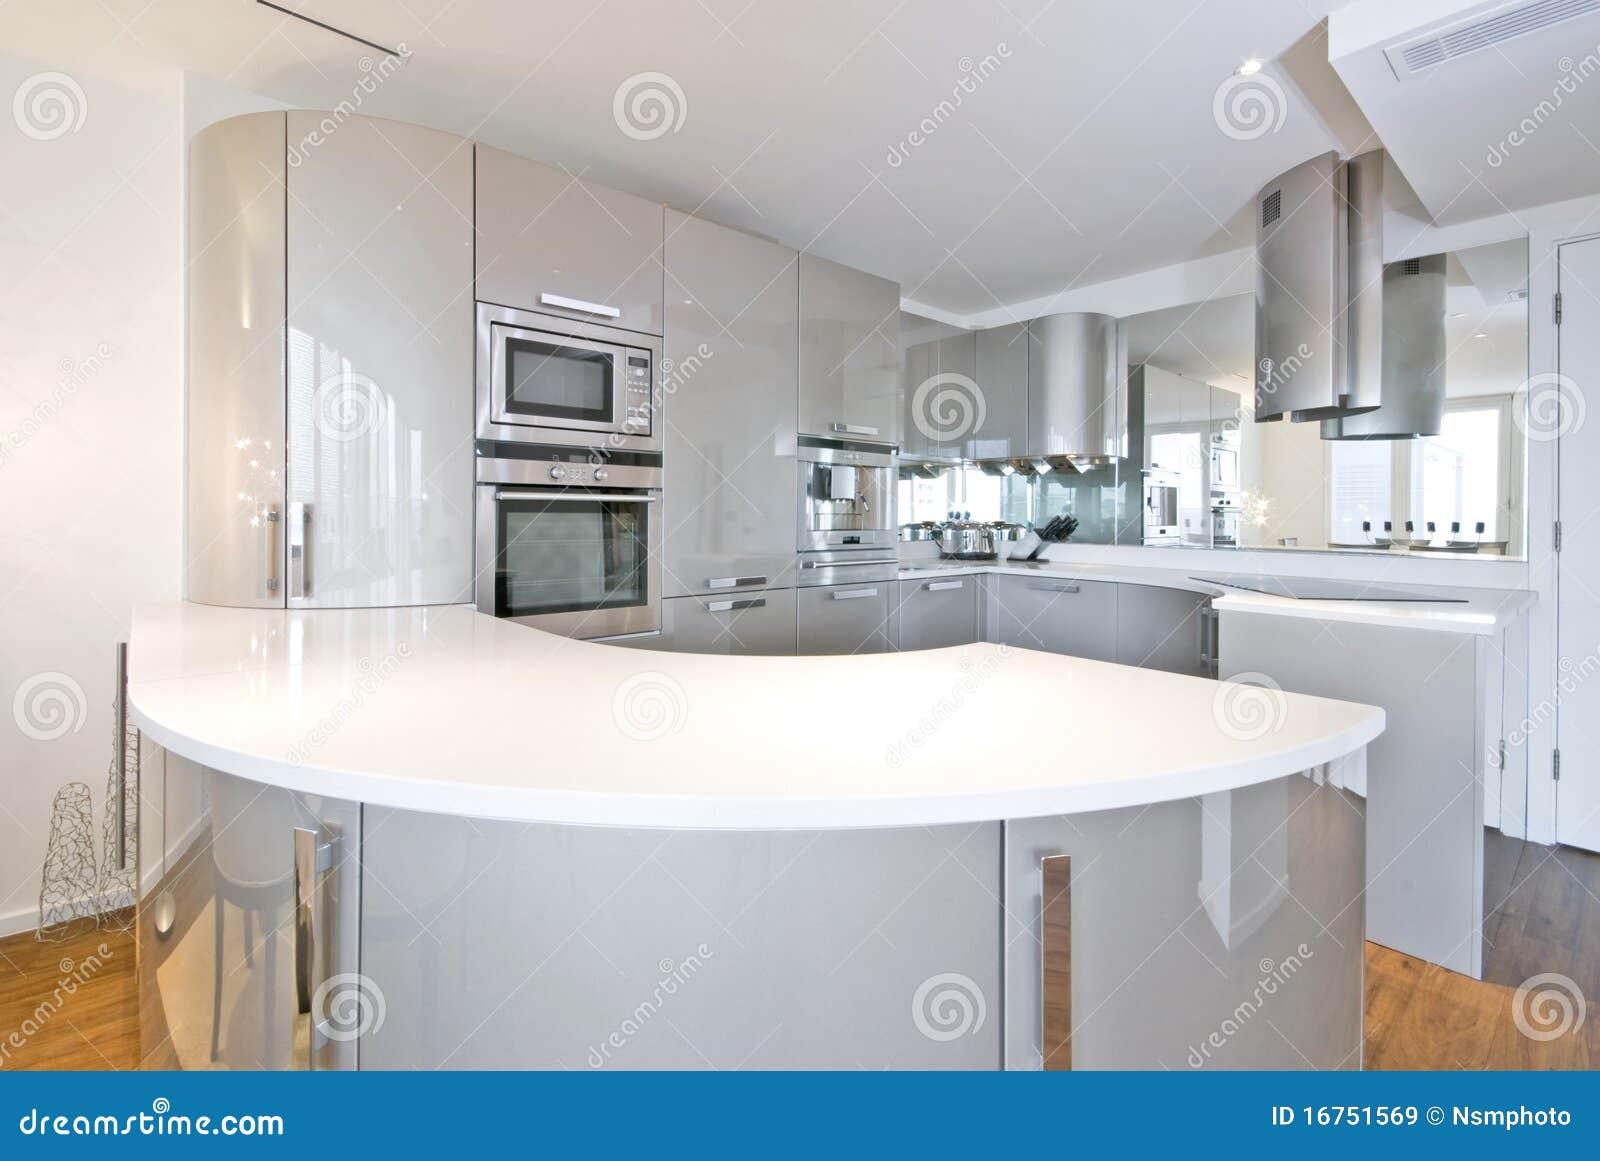 Ultra modern designer kitchen